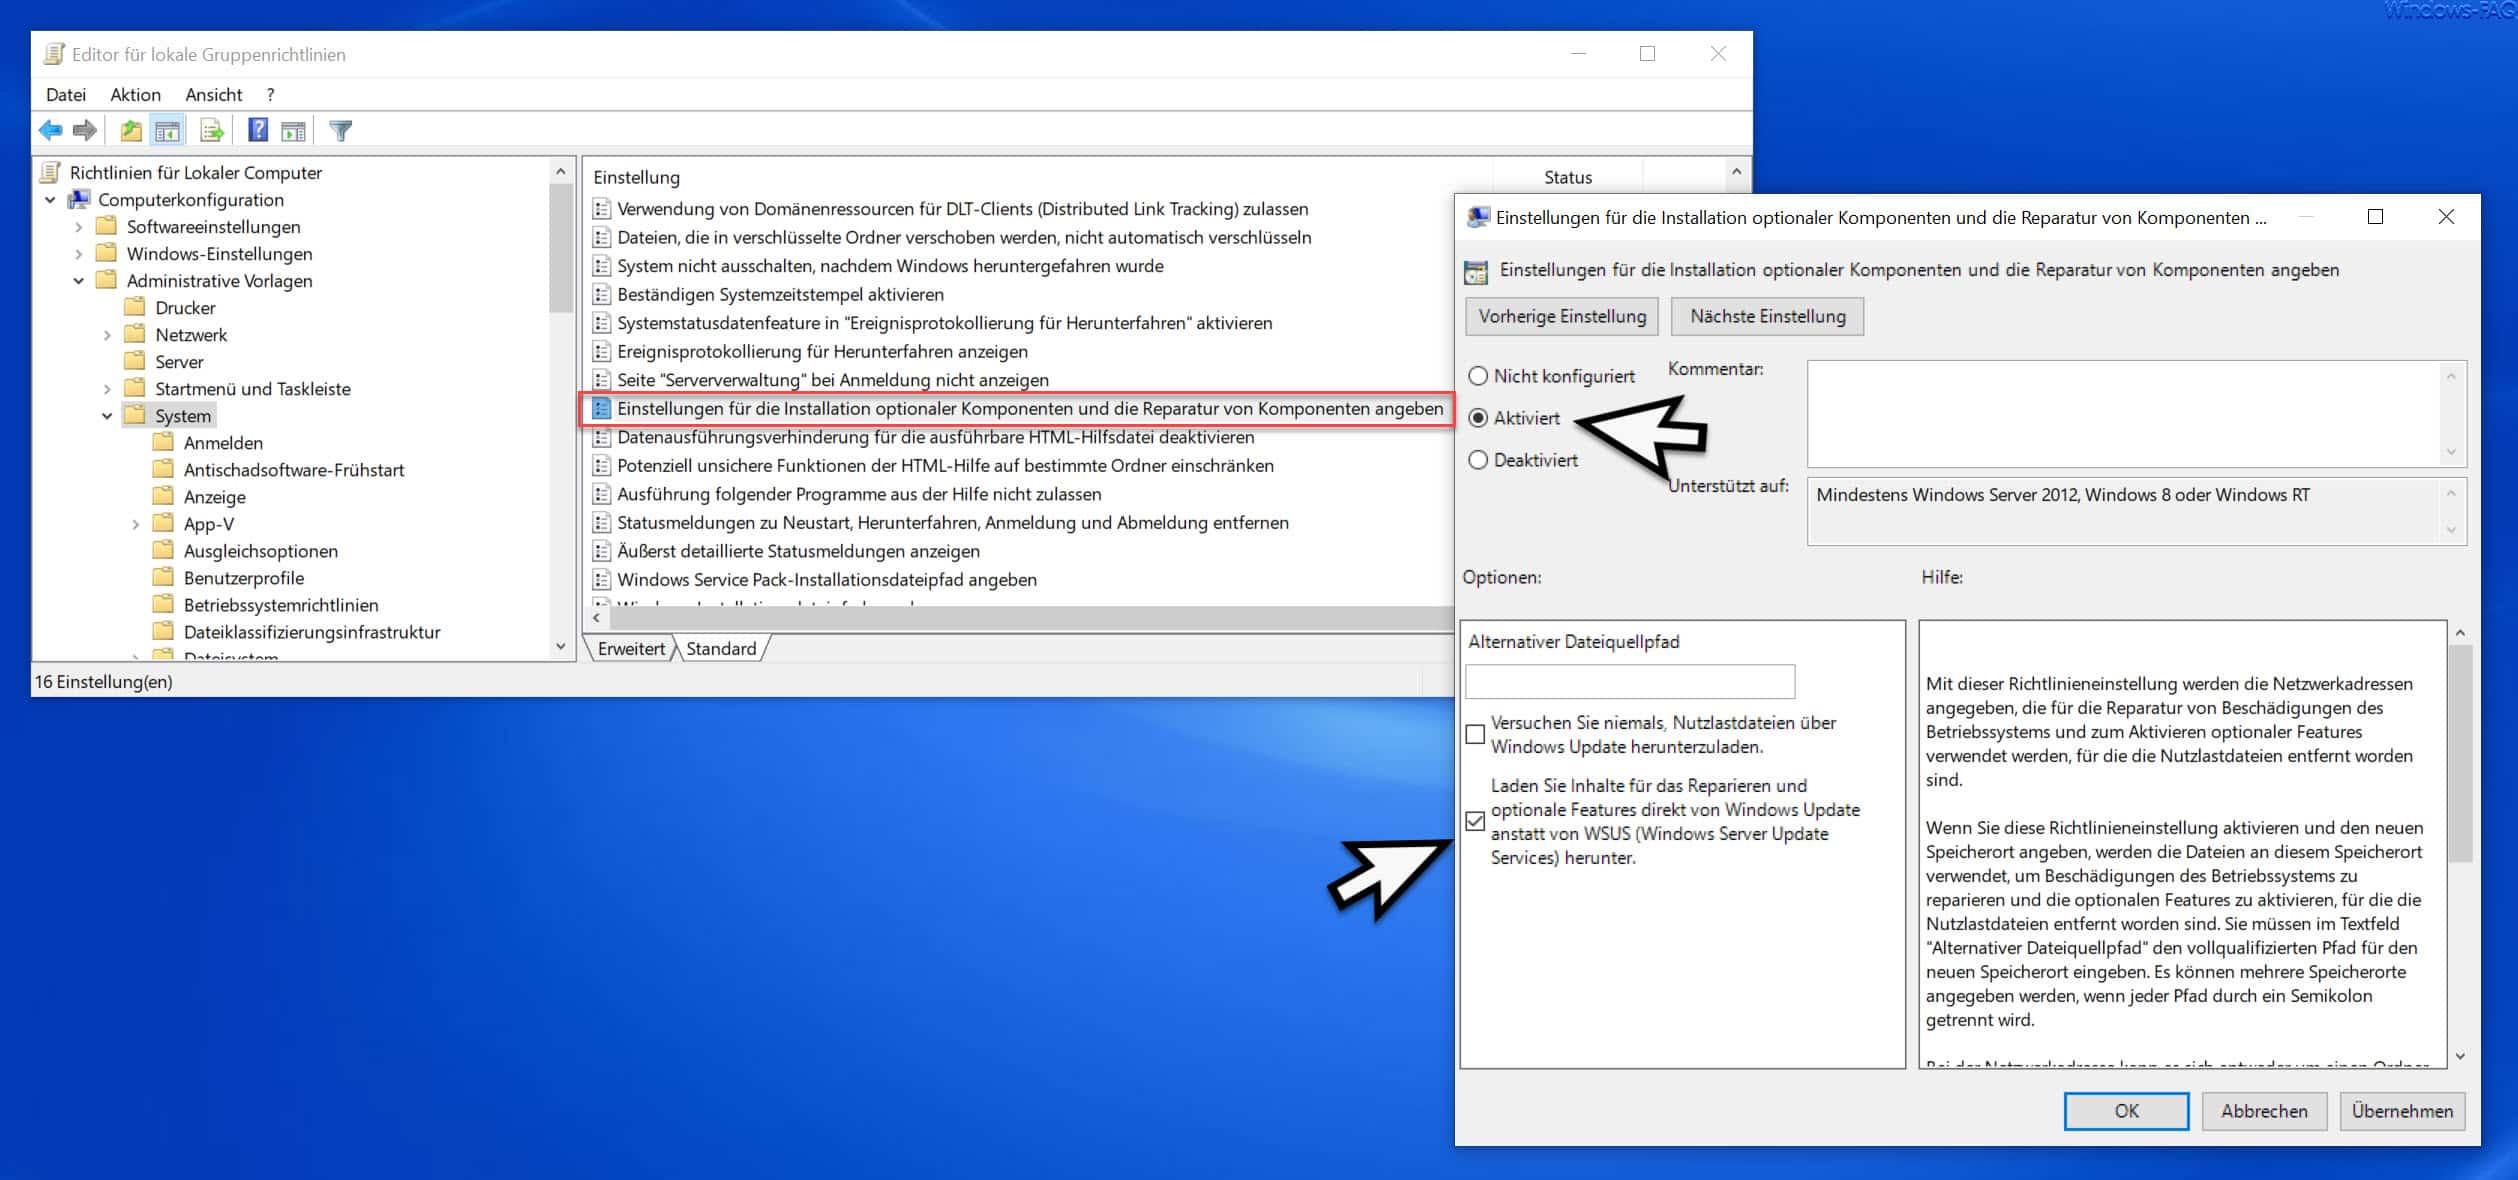 Einstellungen für die Installation optionaler Komponenten und die Reparatur von Komponenten angeben